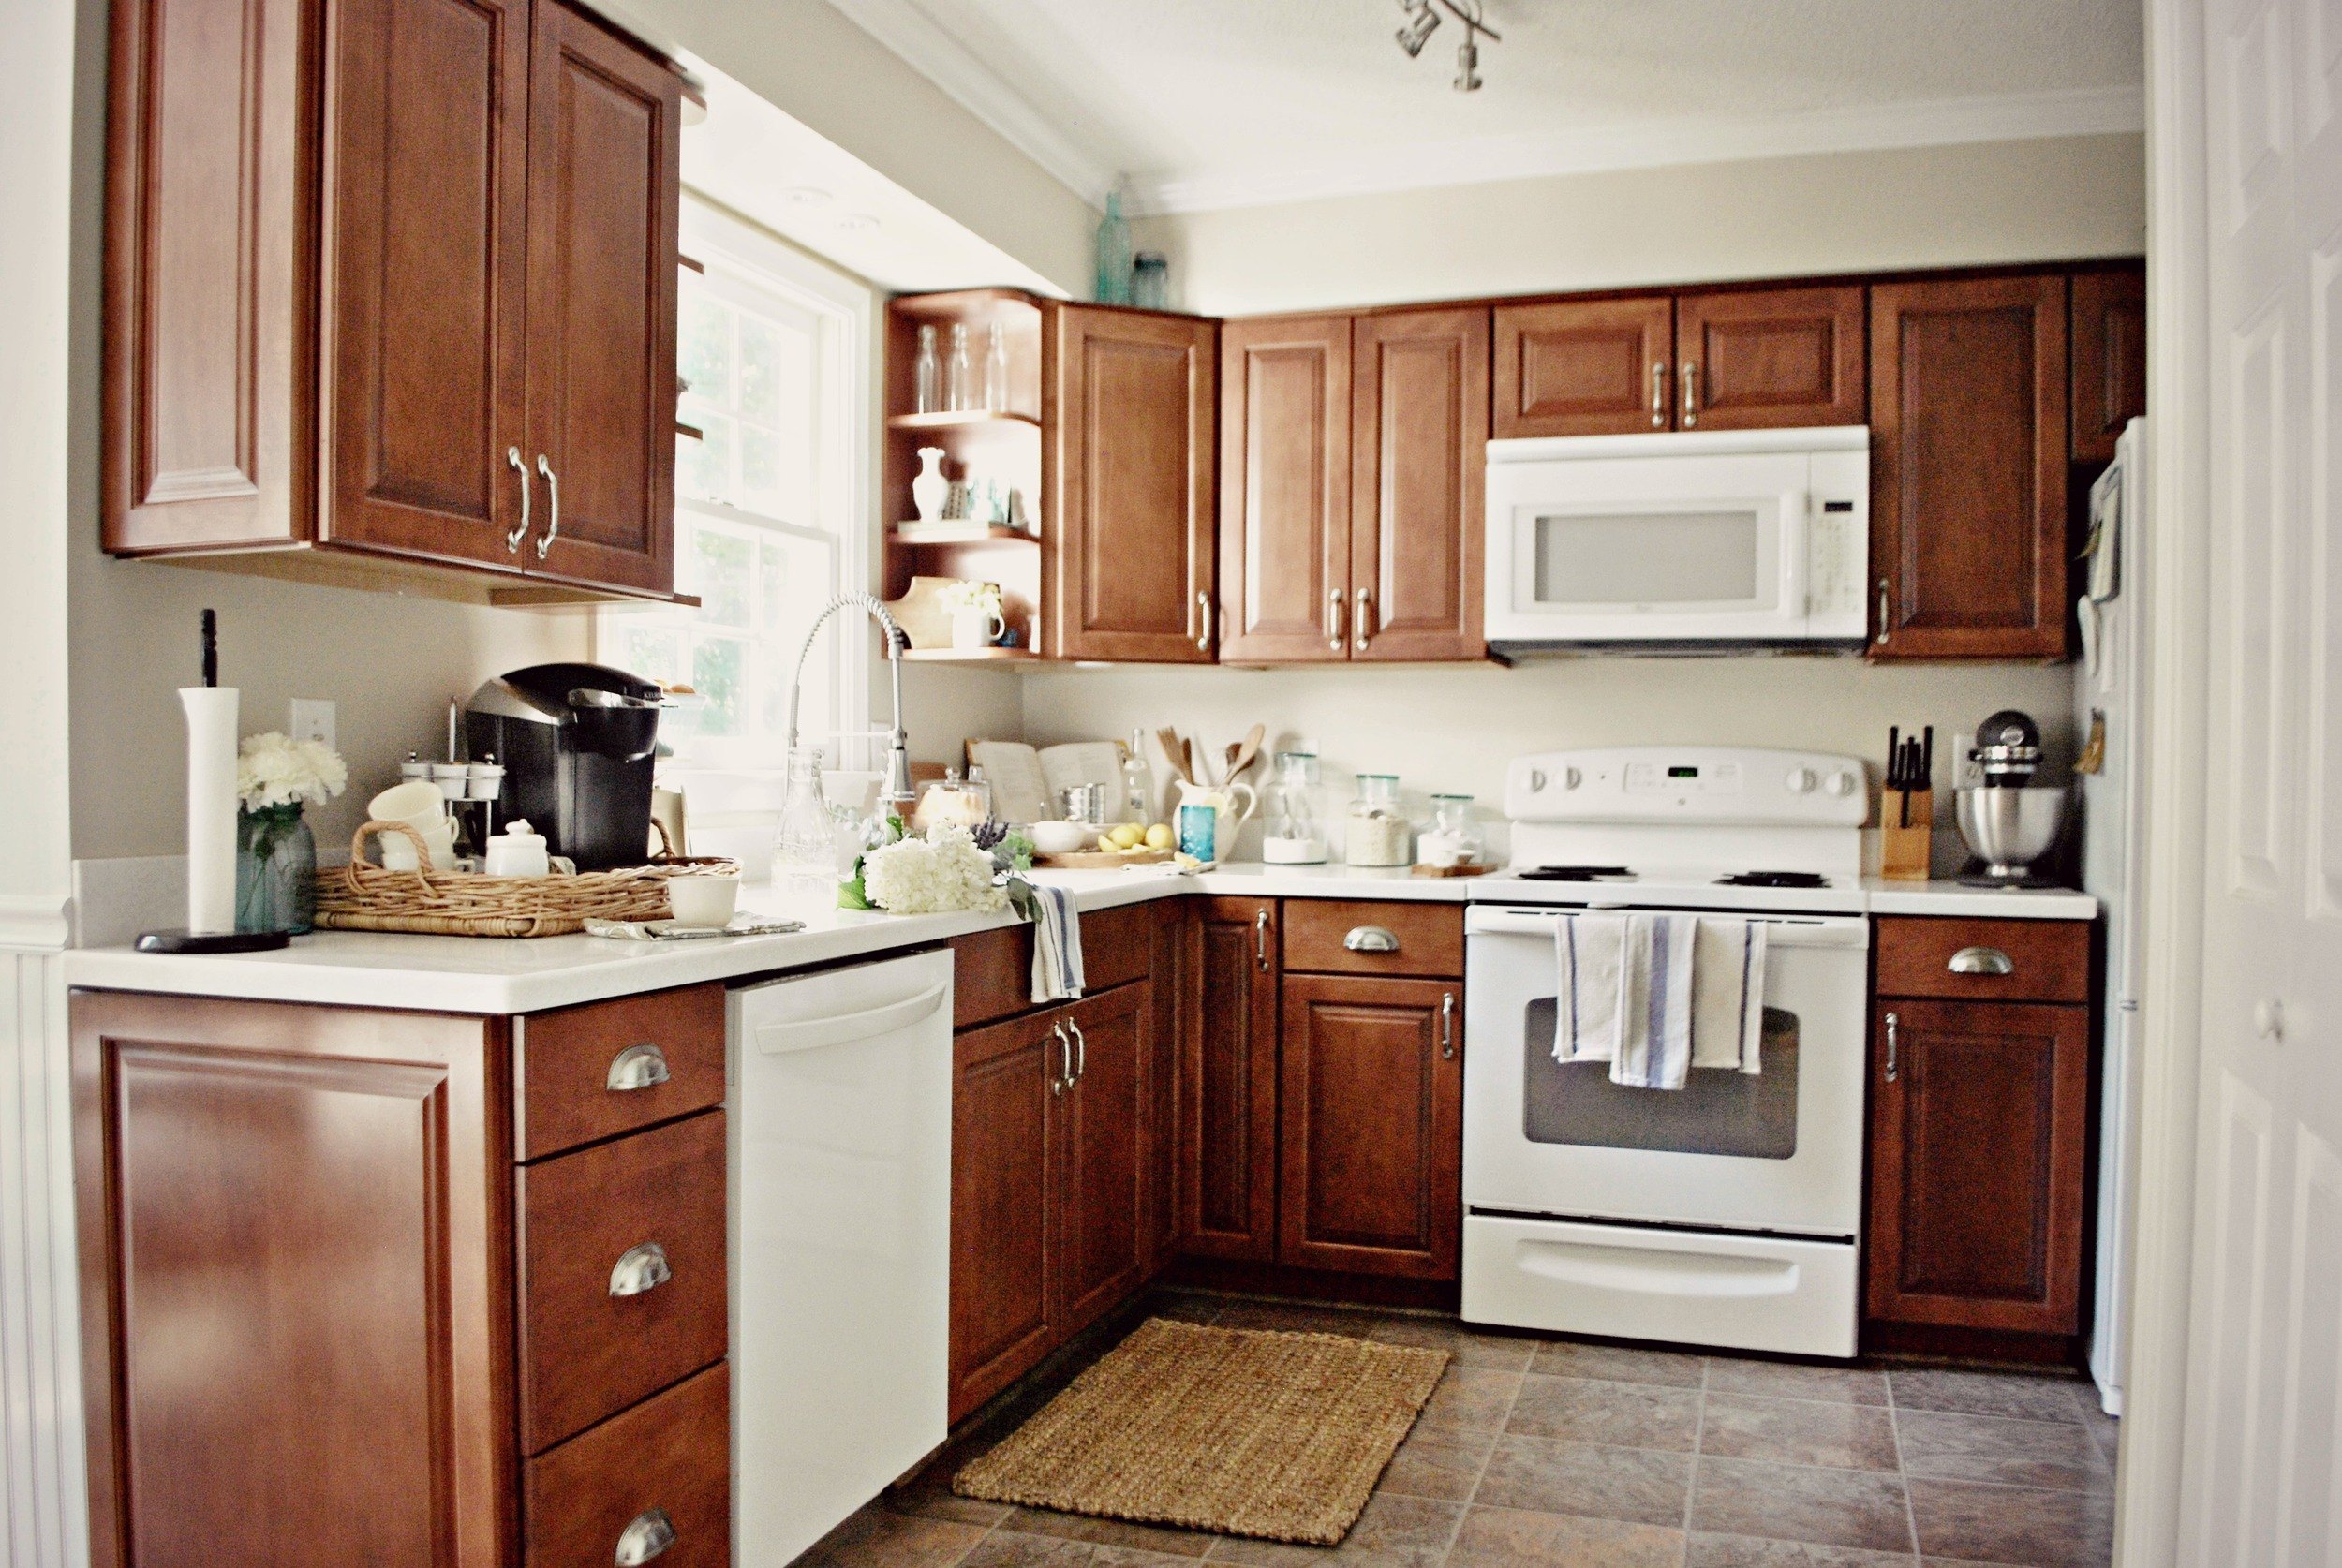 KitchenDesign1.jpeg